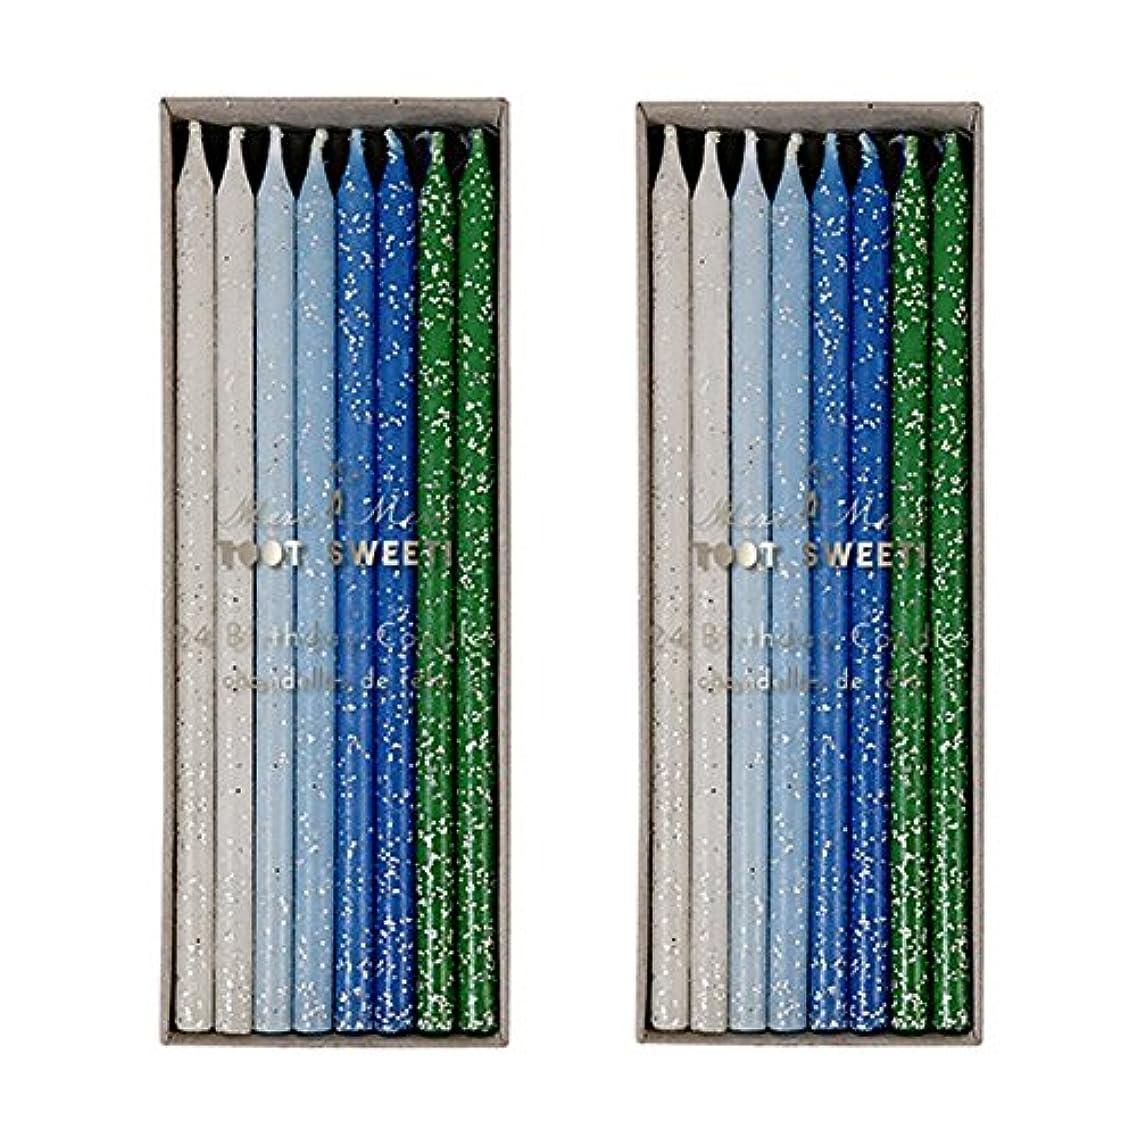 投資するホバートこんにちはMeri Meri Birthday Candles 2つpack-48キャンドル ブルー